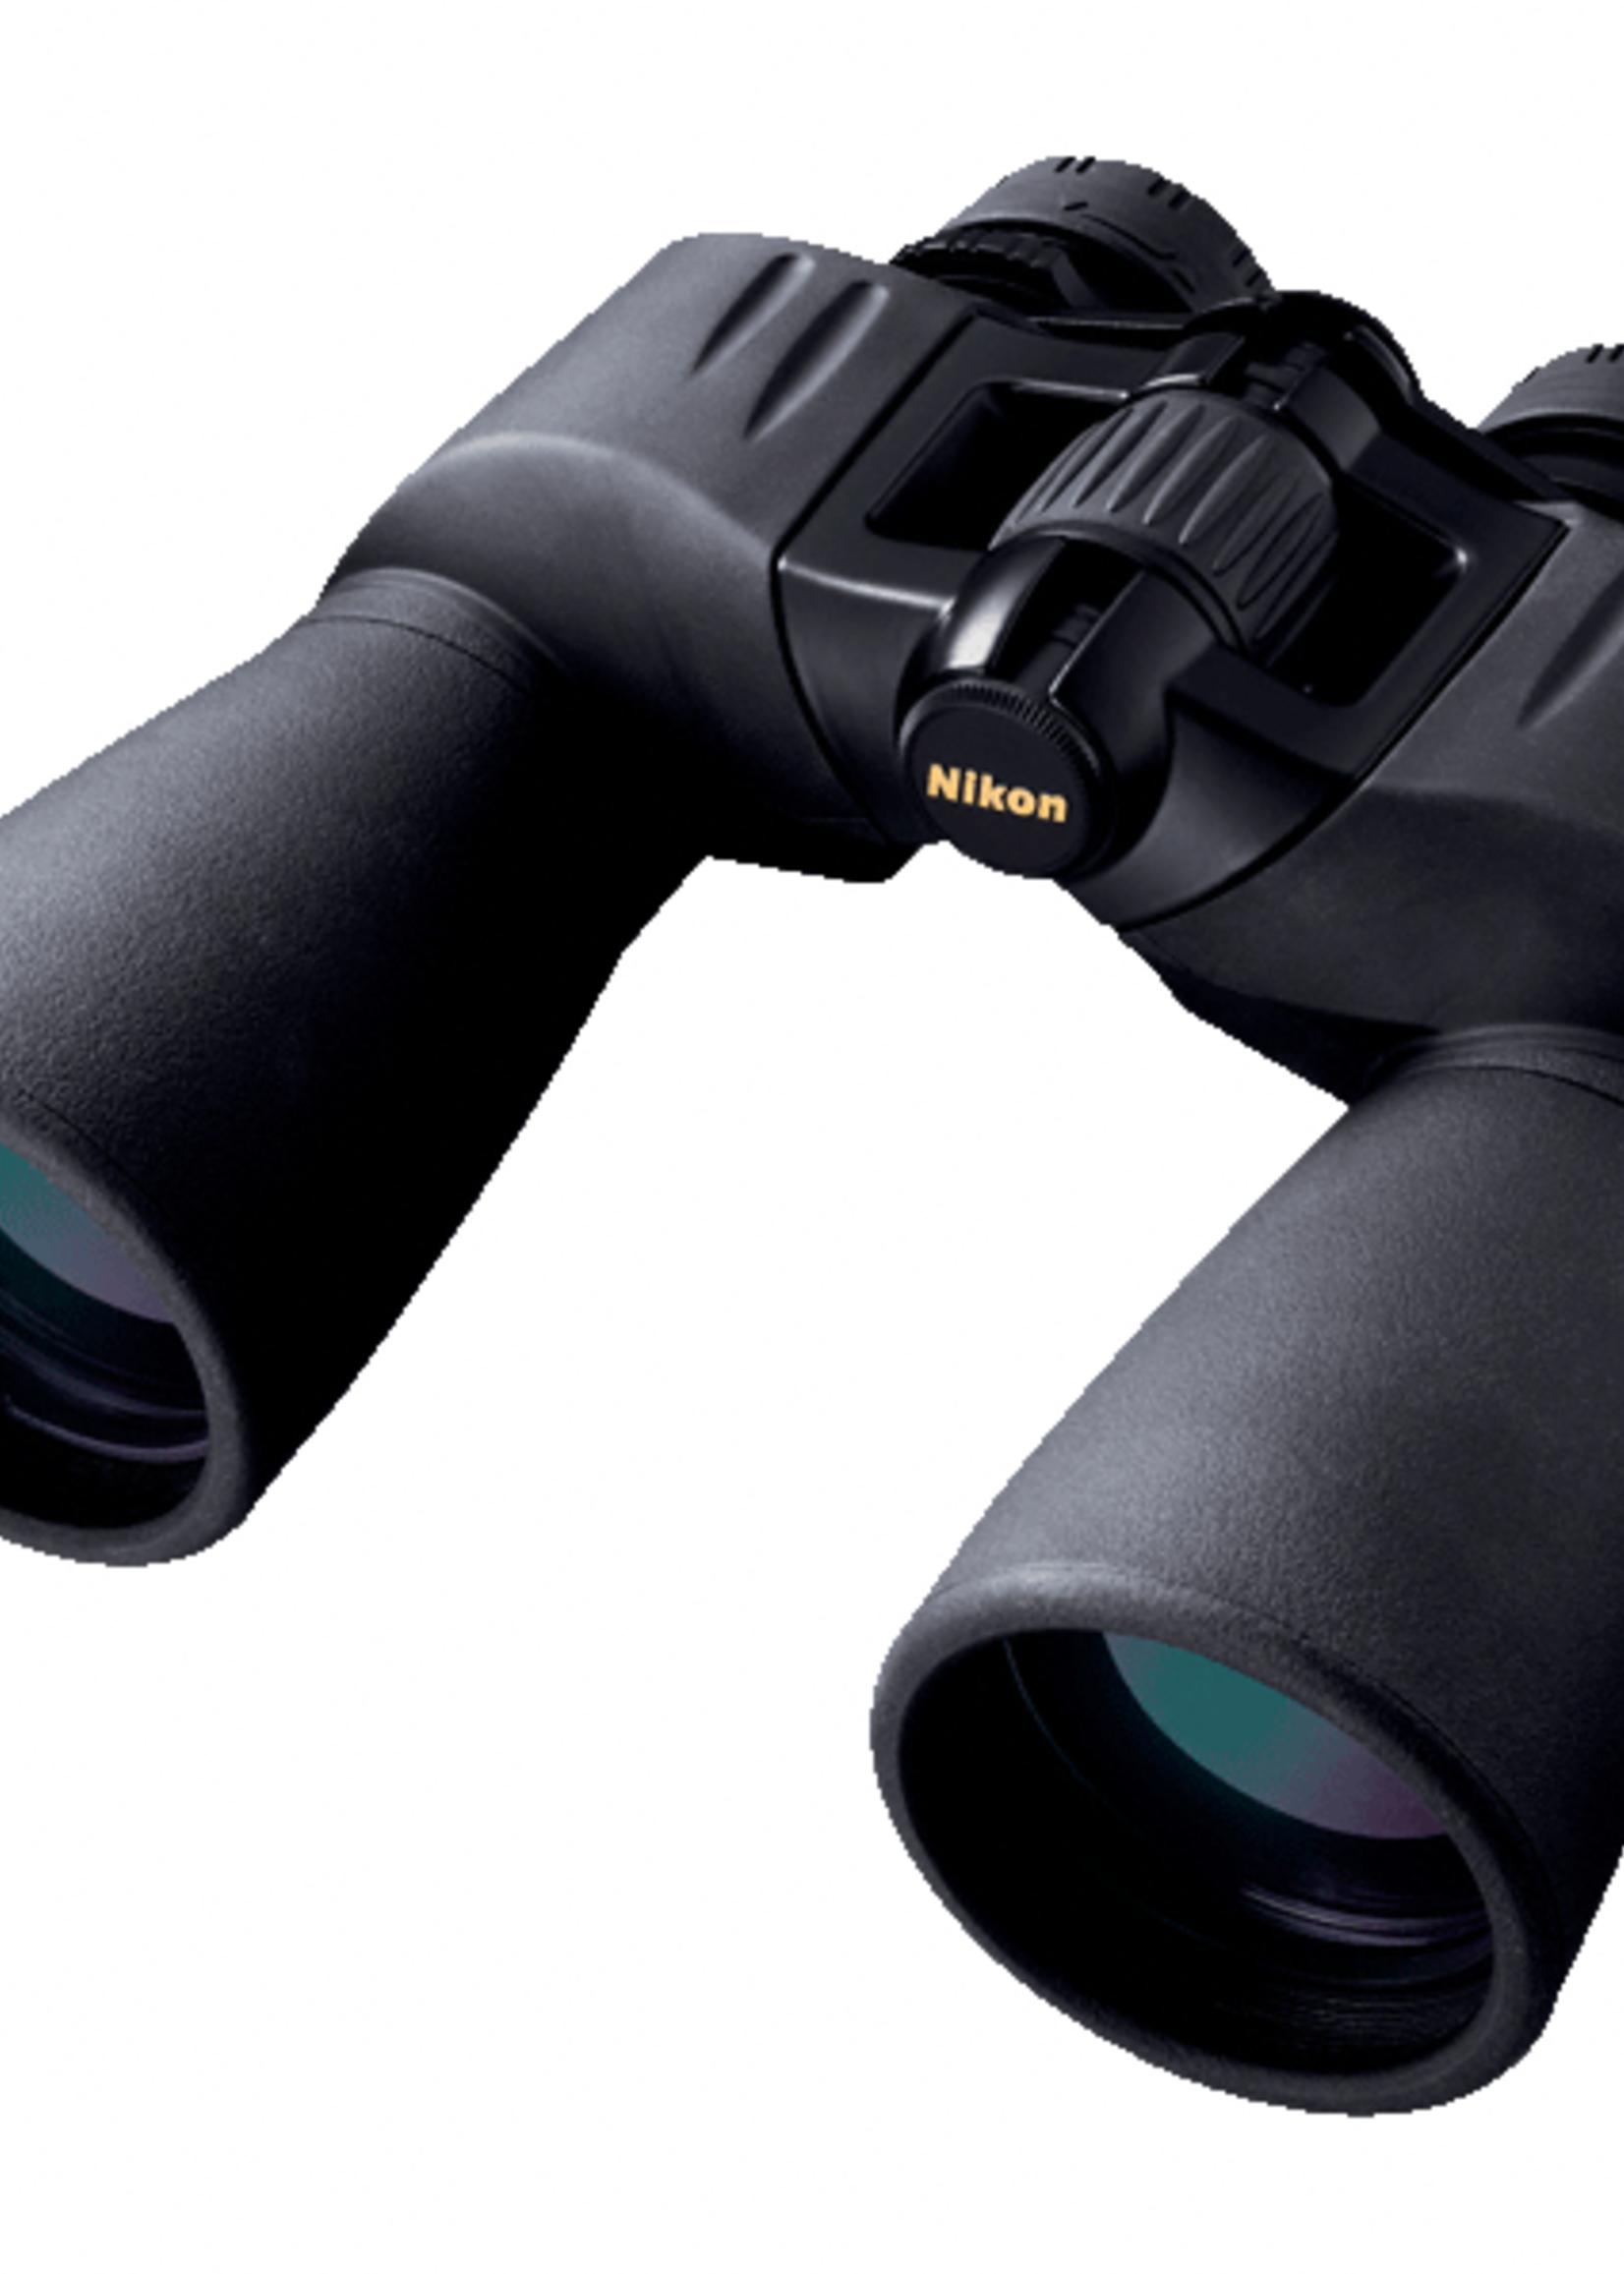 Nikon inc Nikon - Action Extreme 7x50 Water Proof